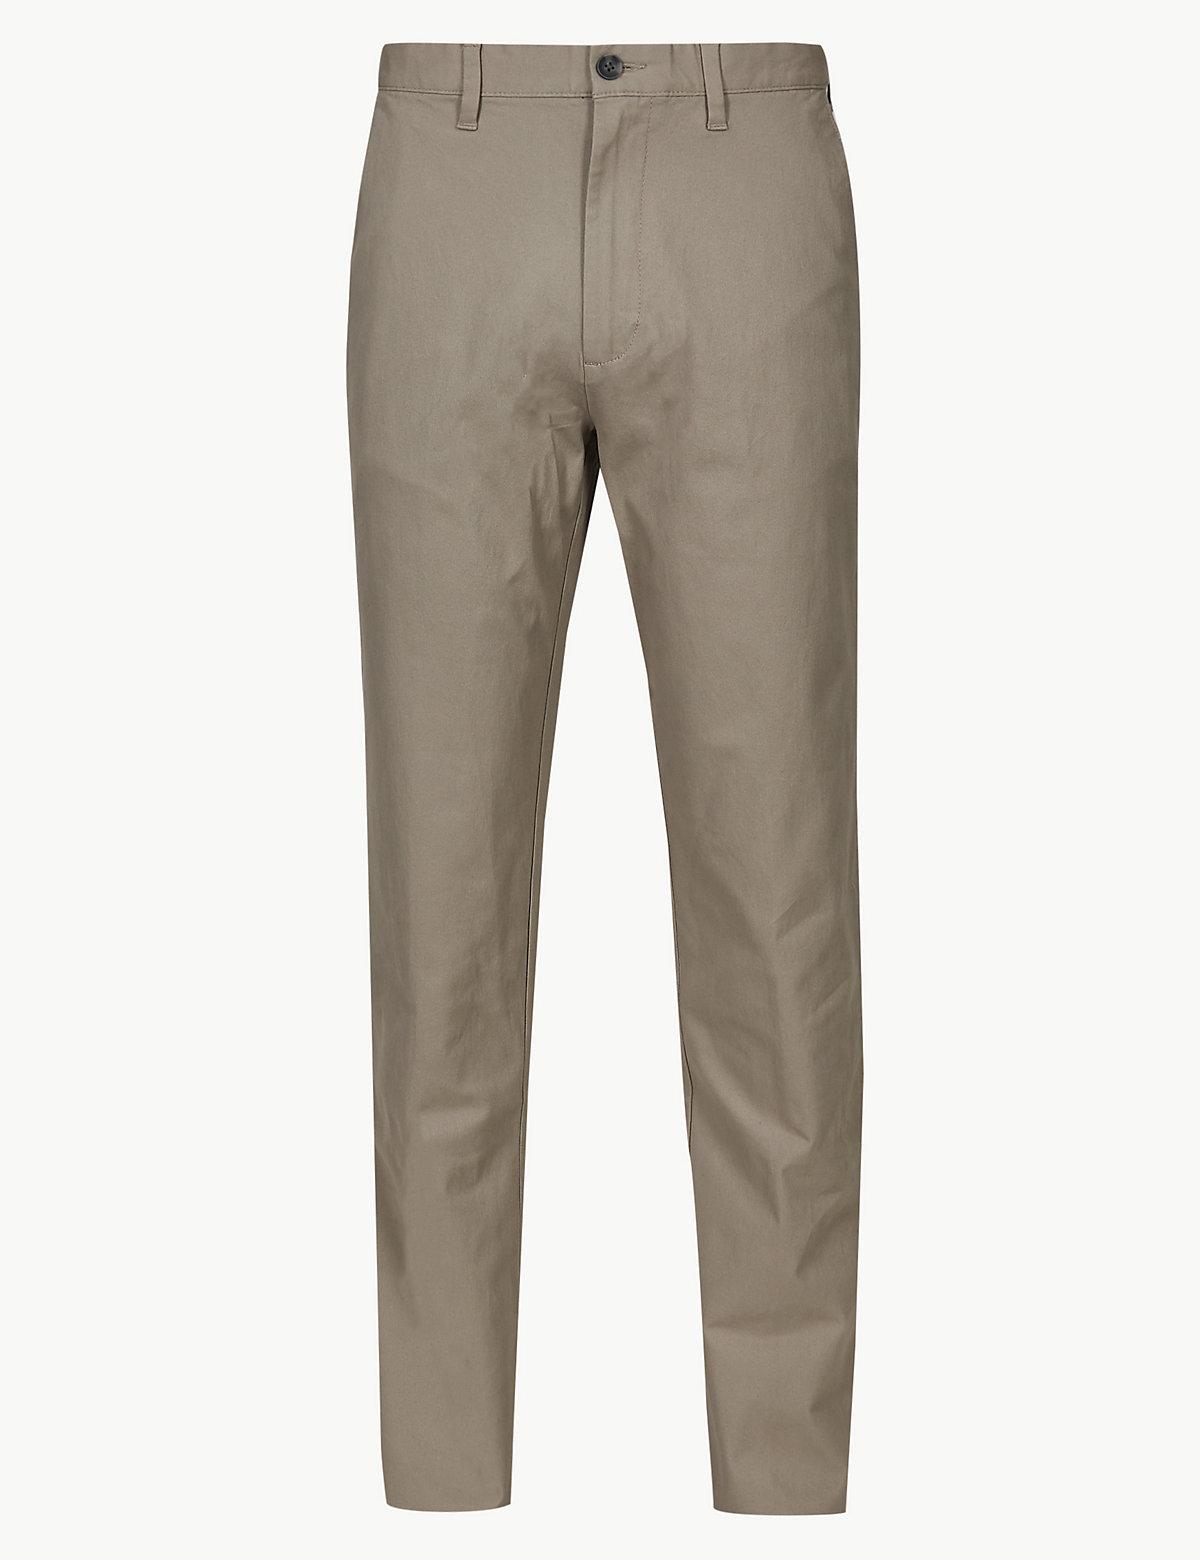 Классические хлопковые брюки чинос M&S Collection. Цвет: натуральный